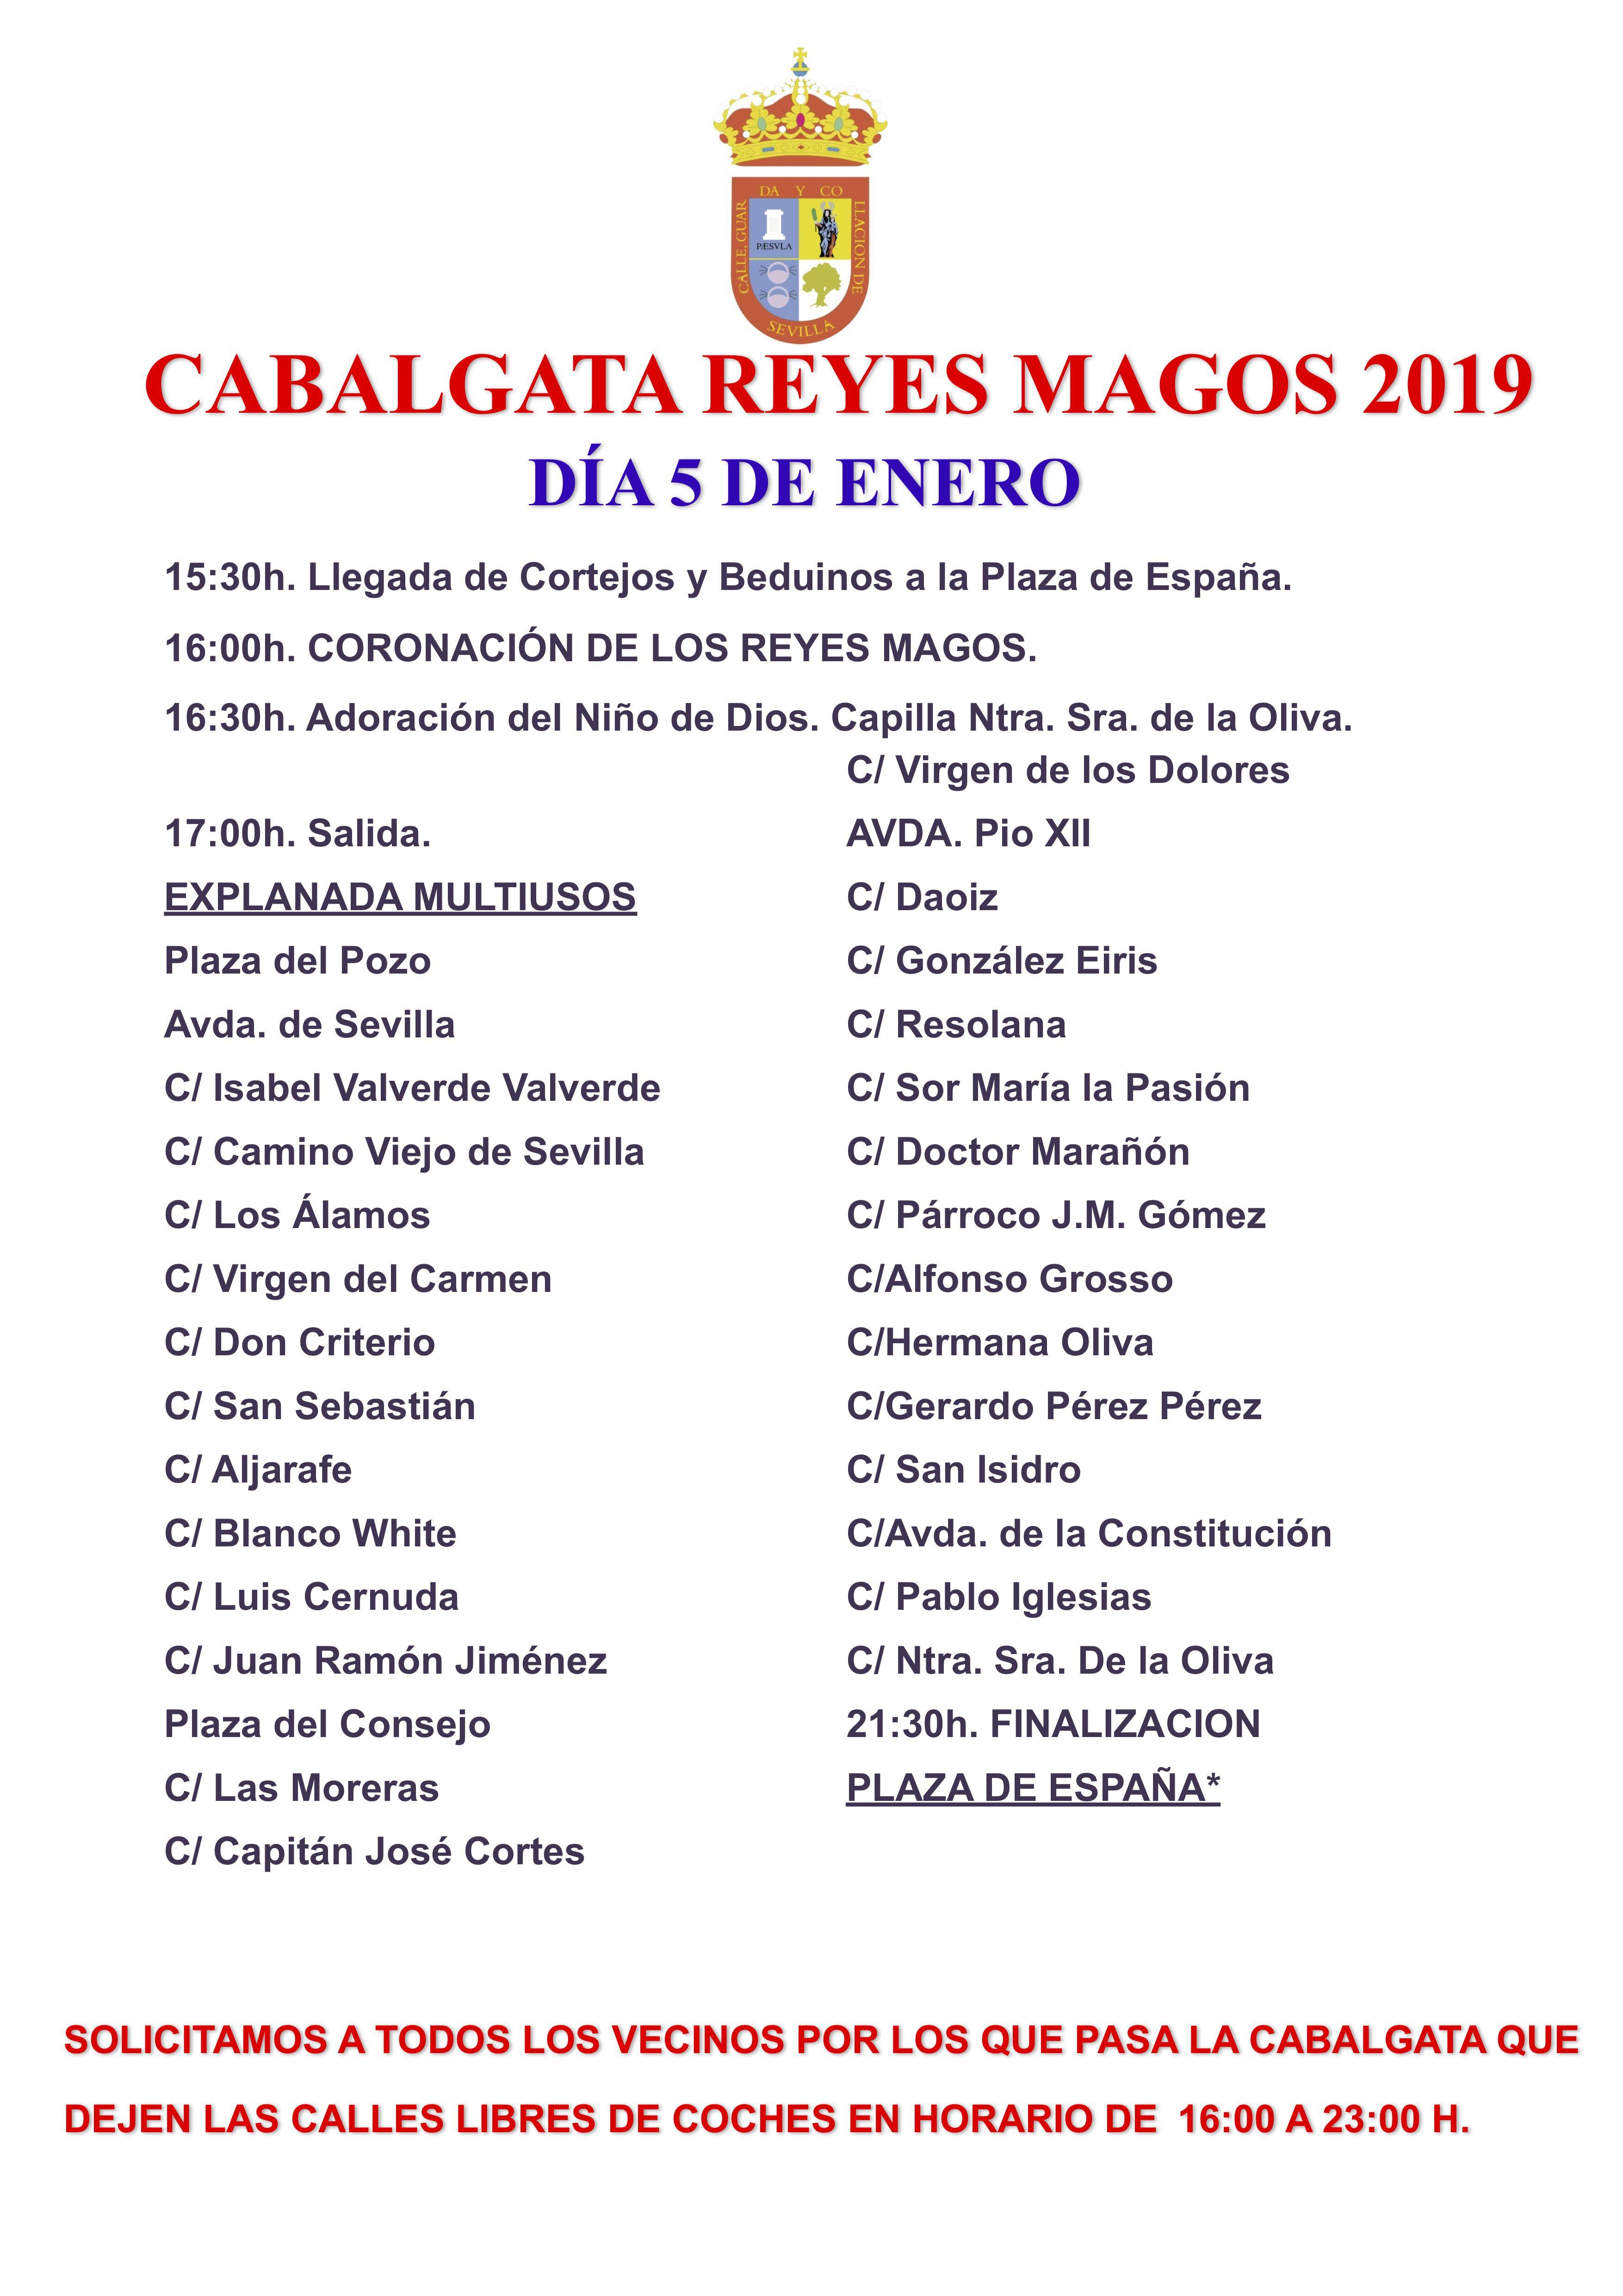 Recorrido Cabalgata de Reyes Magos 2019